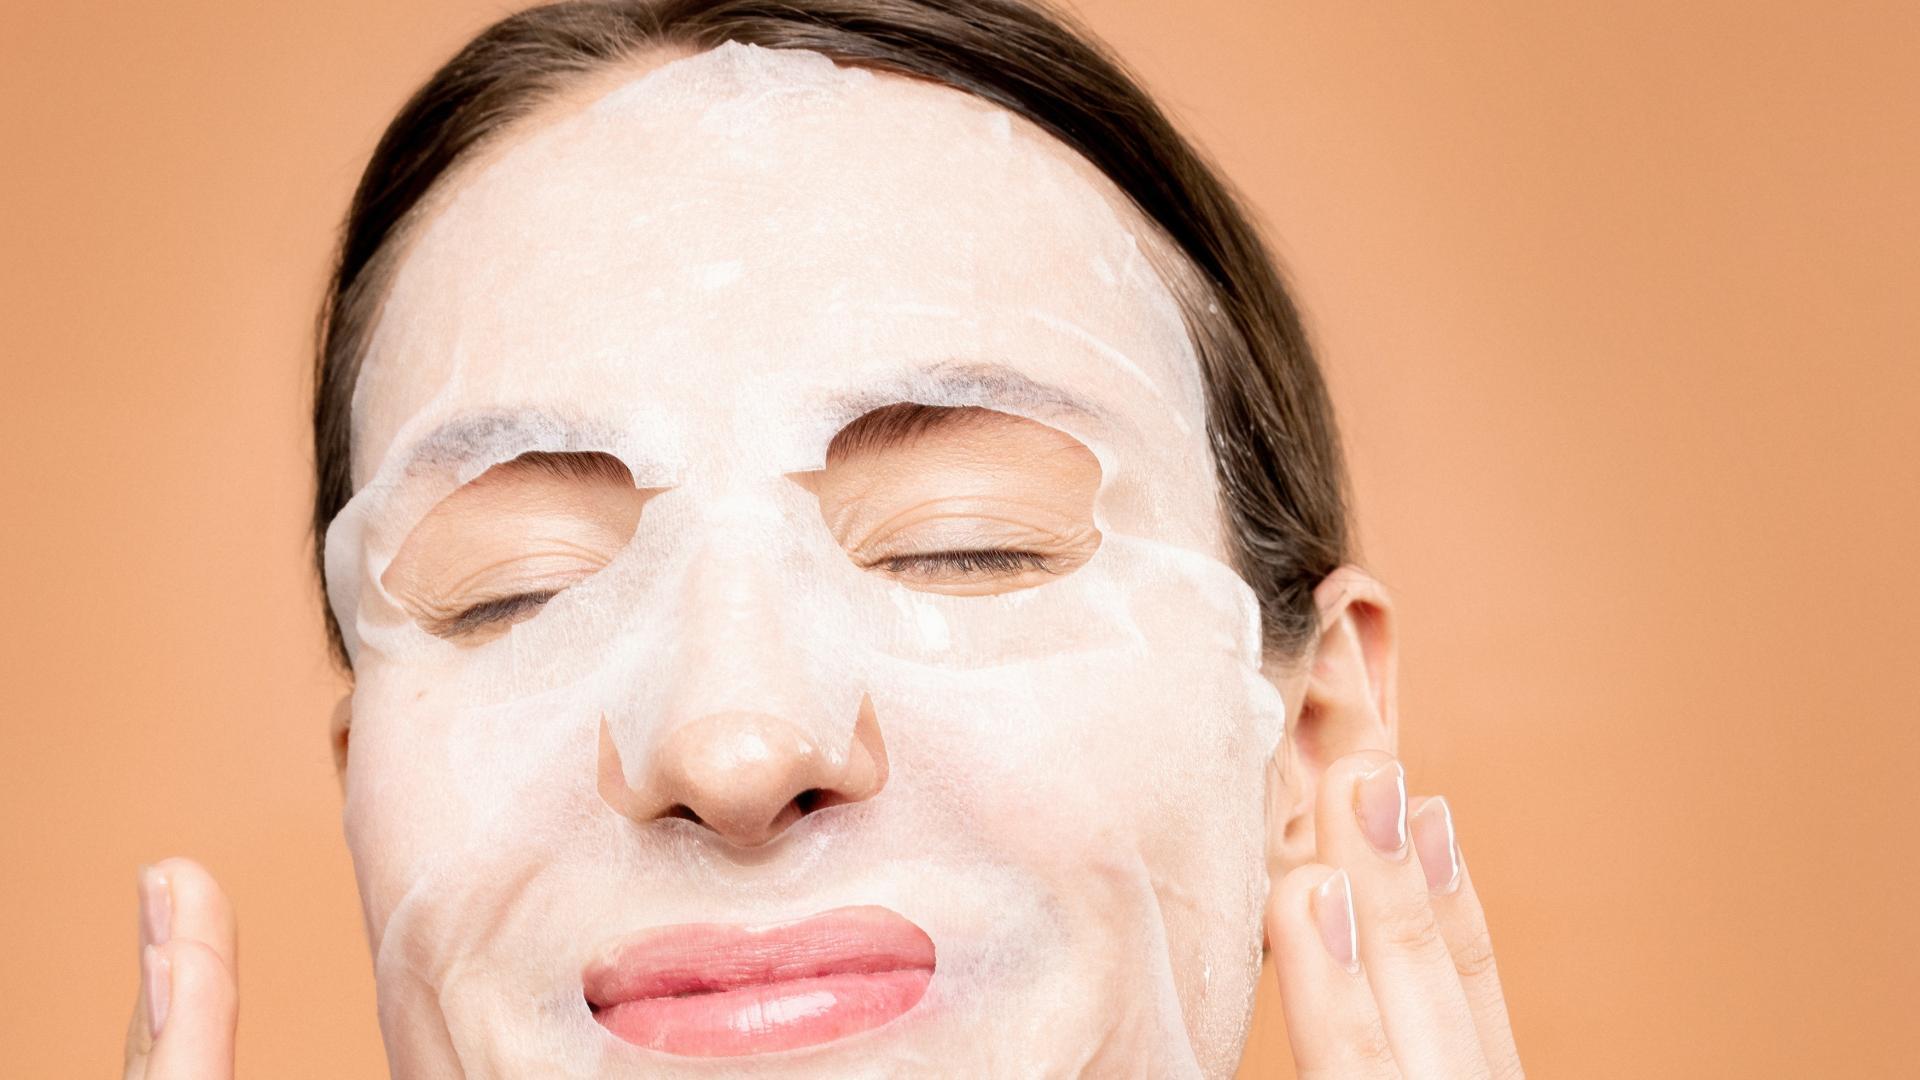 贴片式面膜和涂抹式面膜的区别你知道多少?